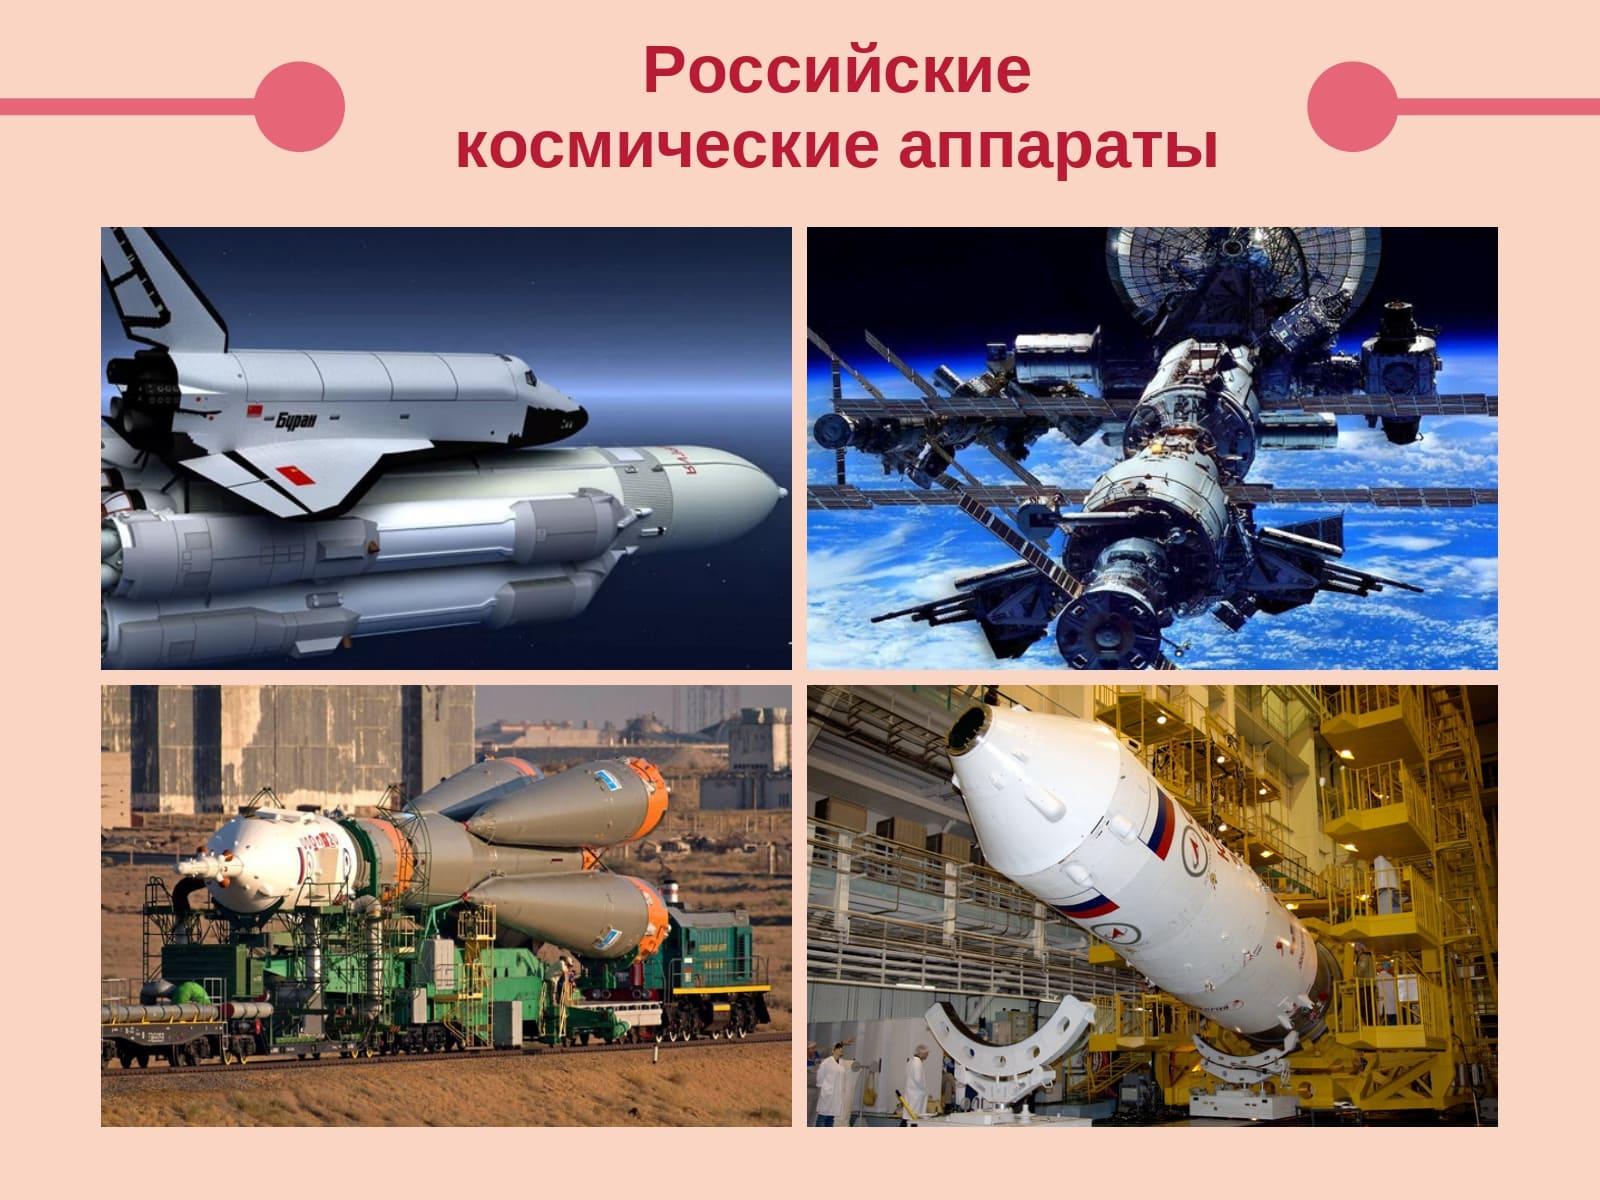 Российские космические аппараты